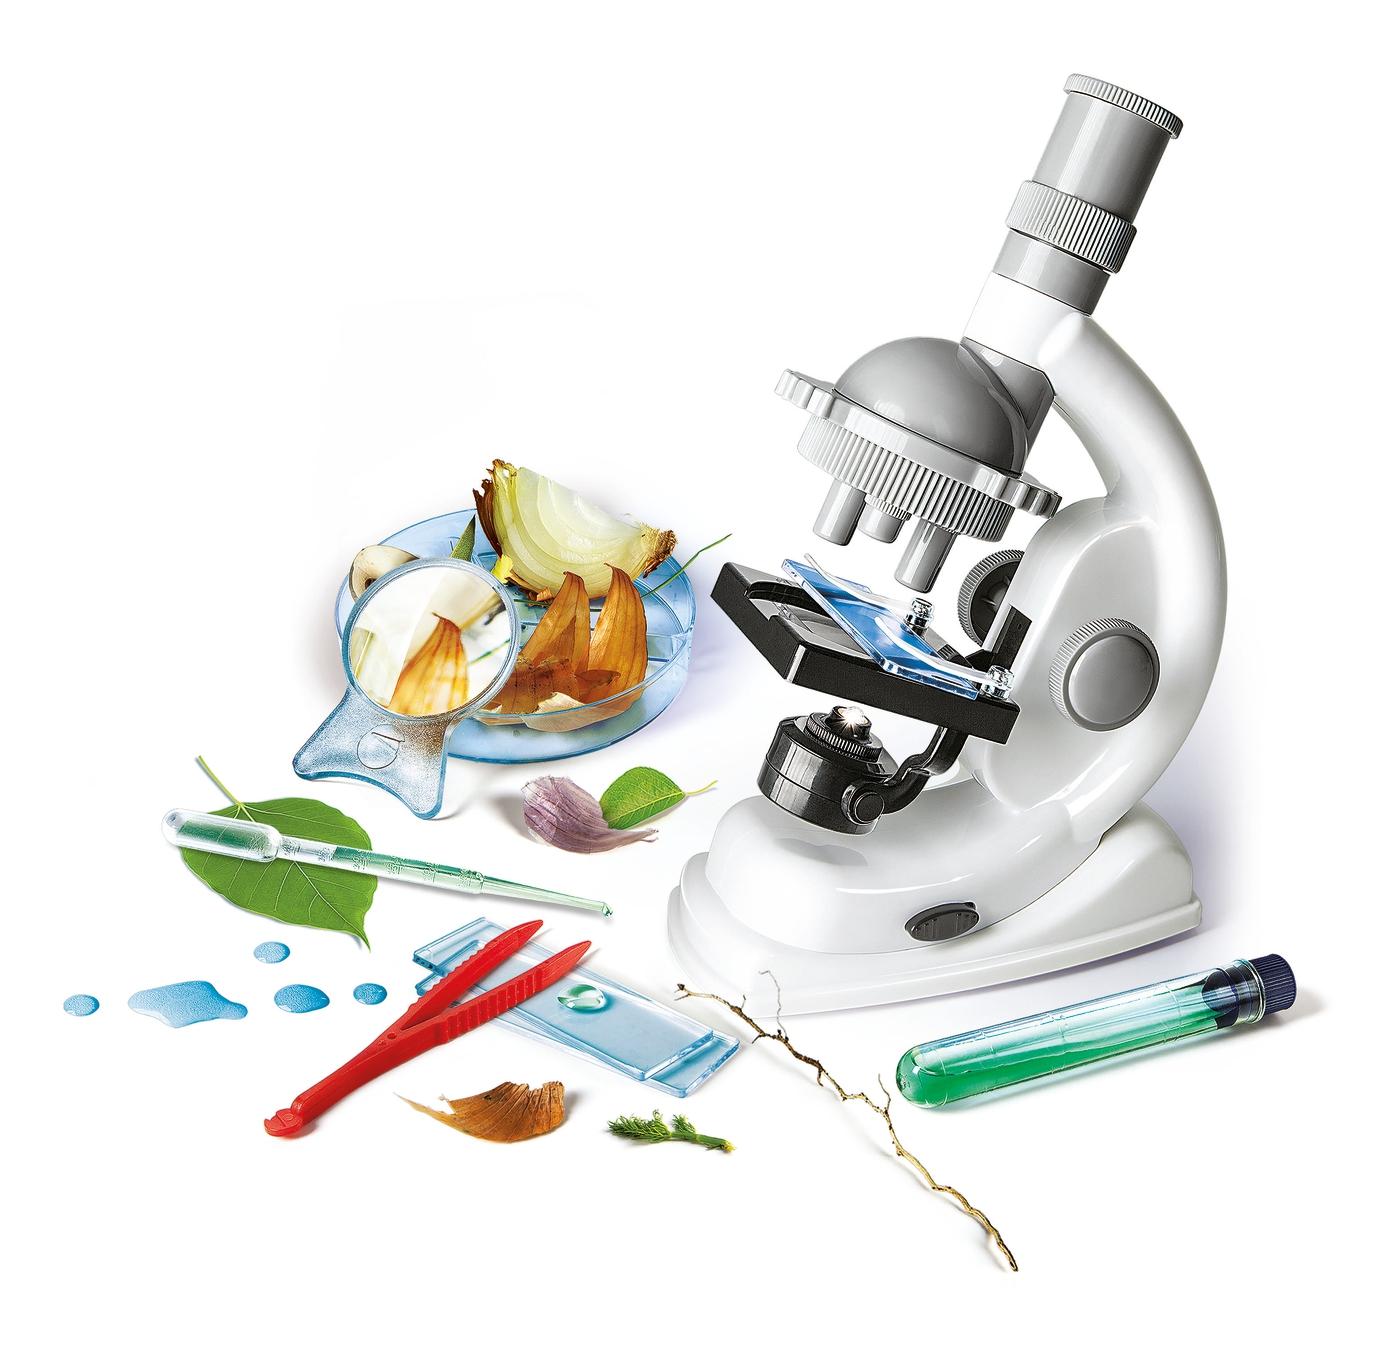 la-science-au-microscope_e6Zj49r